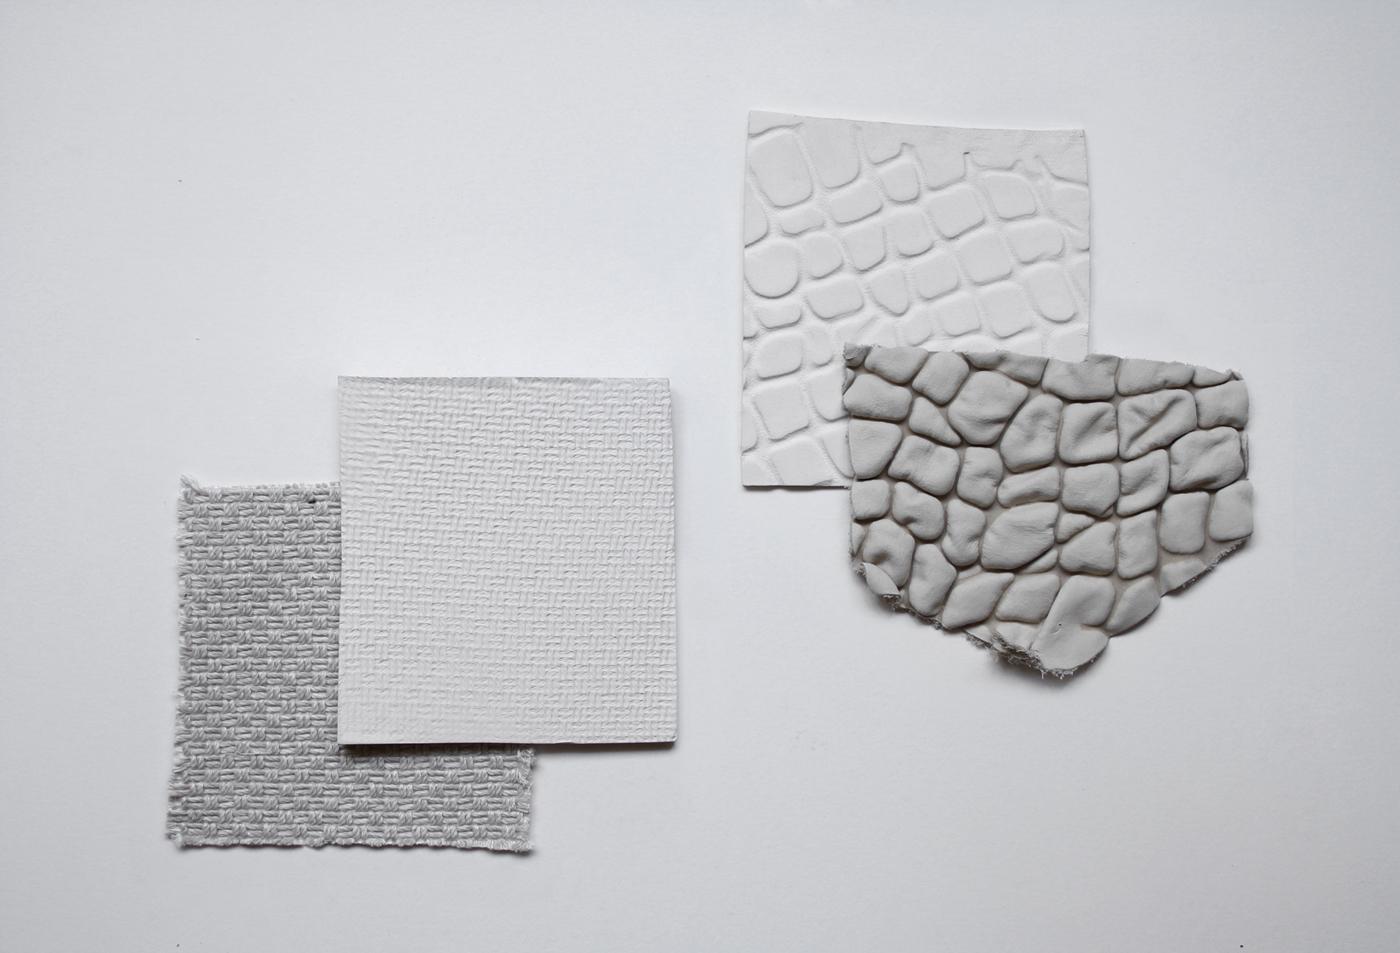 011_vasi ceramica 012_Silvia Fanticelli